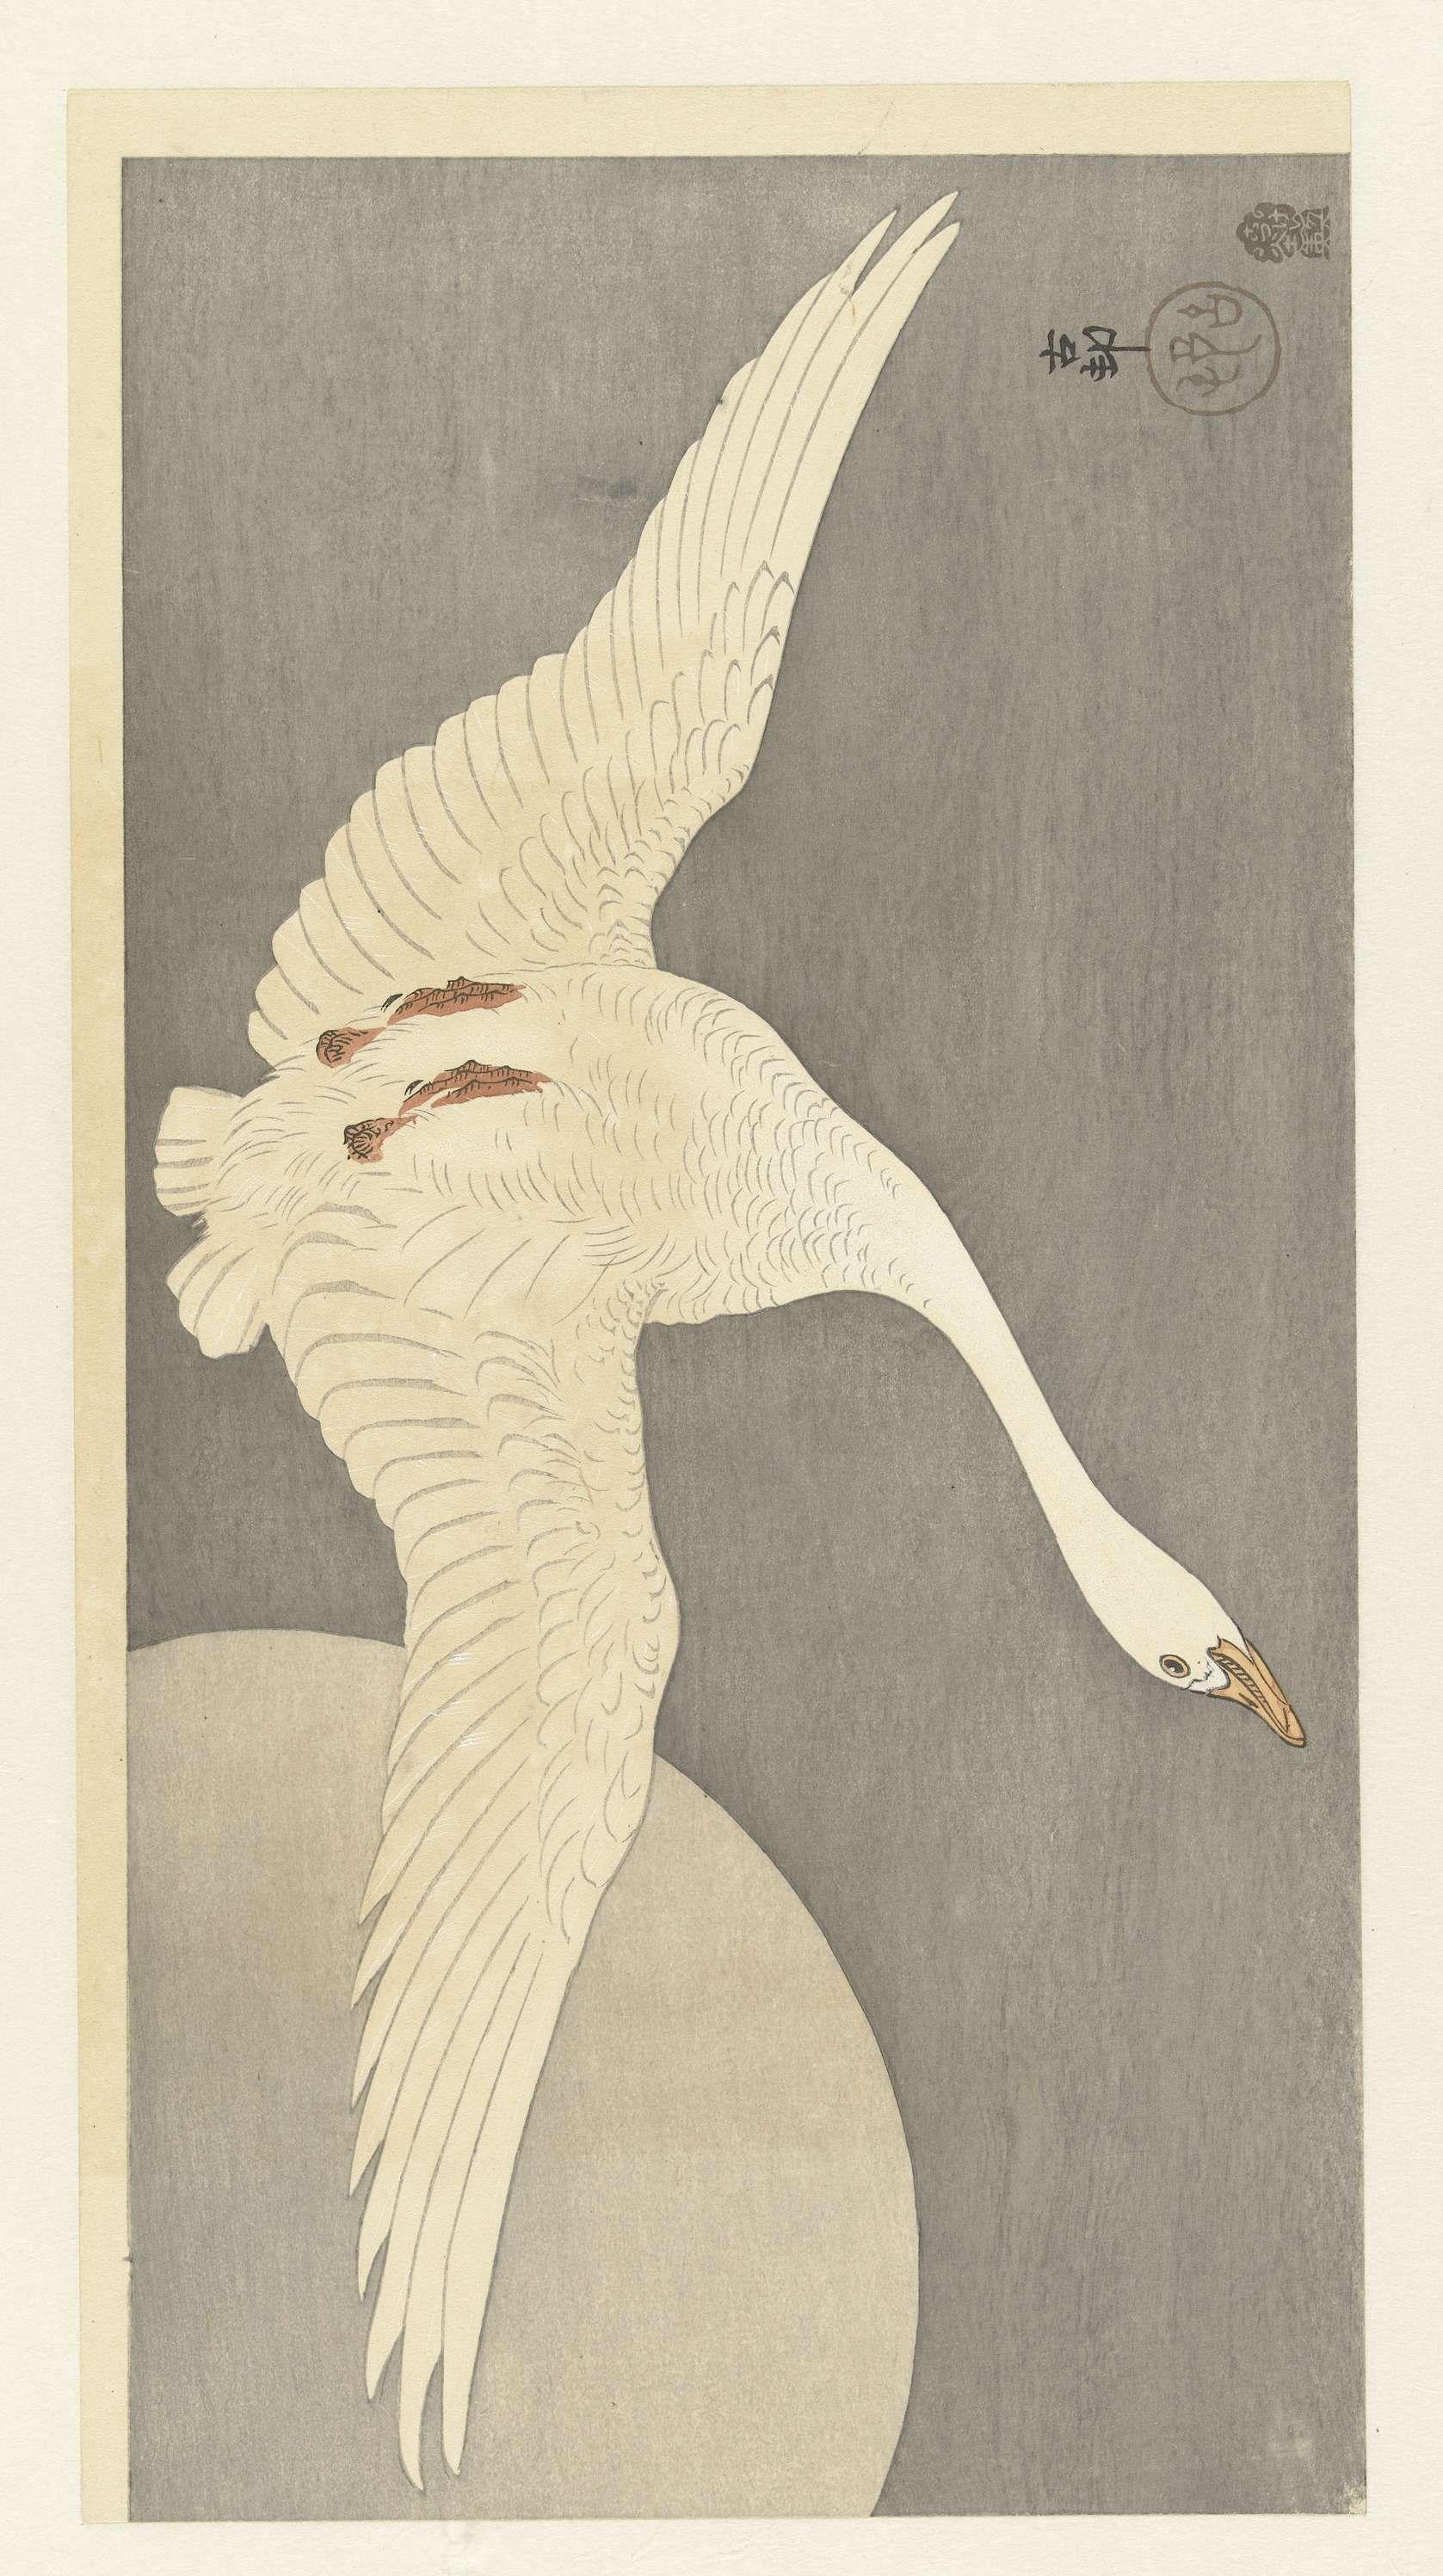 Gans bij volle maan, Ohara Koson, 1900 - 1910